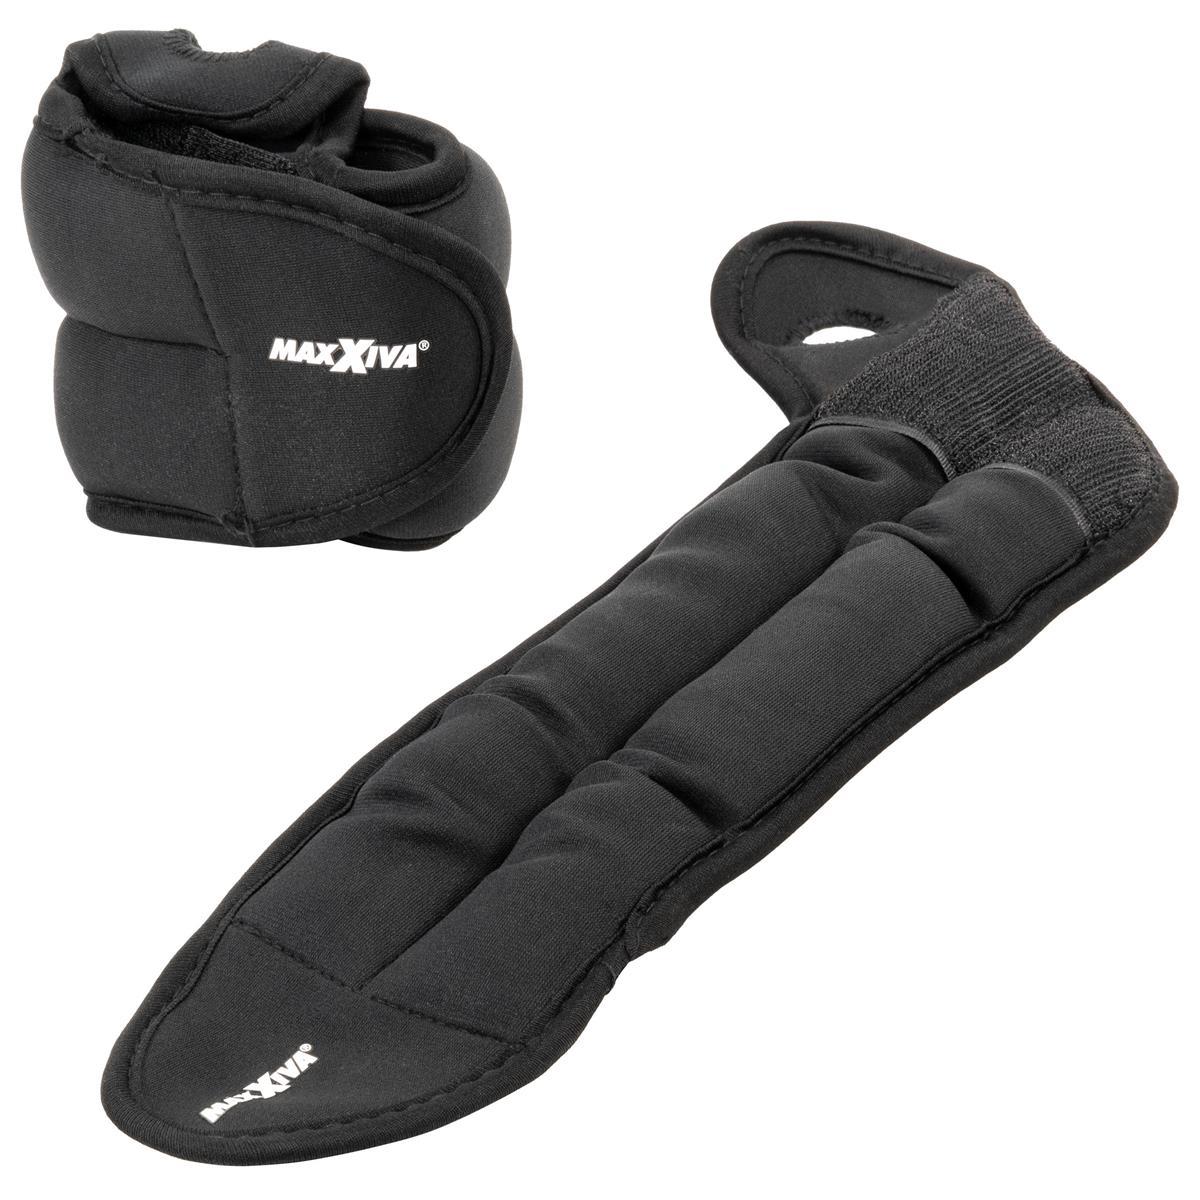 MAXXIVA Handmanschetten Set Schwarz 2 x 1 kg Eisensand Laufgewichte